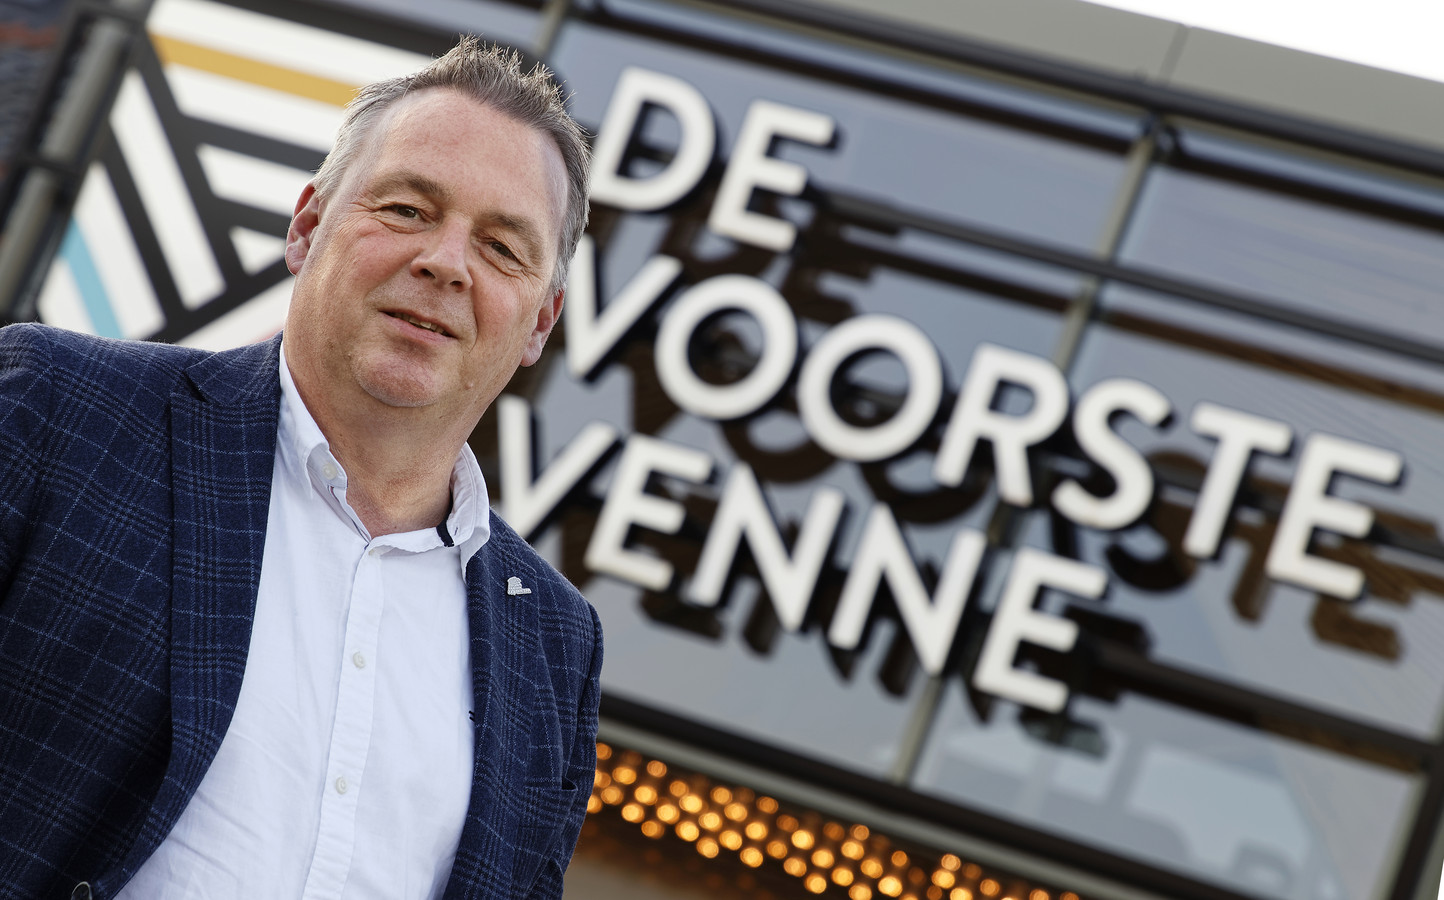 Wethouder Peter van Steen van de gemeente Heusden, bij cultureel centrum De Voorste Venne in Drunen.